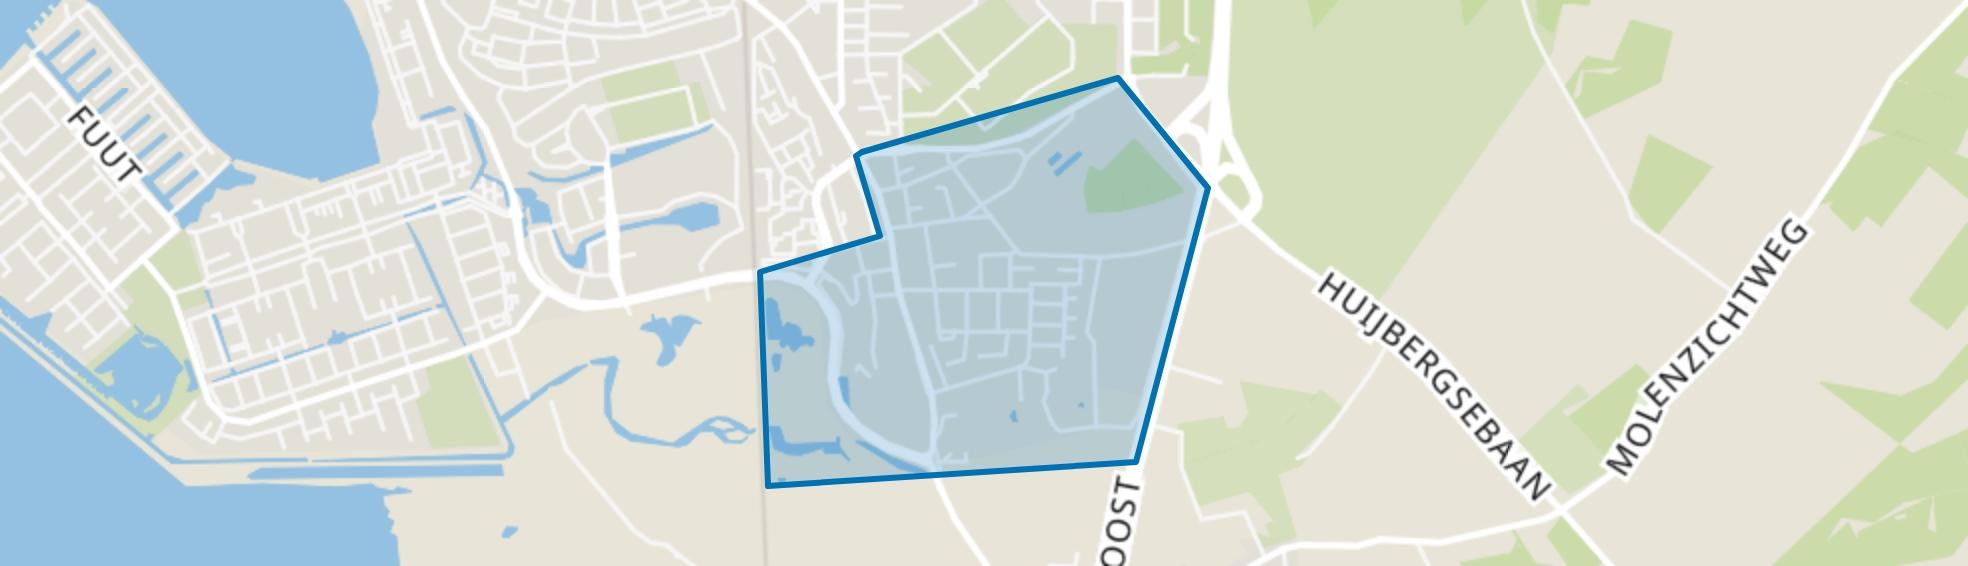 Nieuw Borgvliet, Bergen op Zoom map